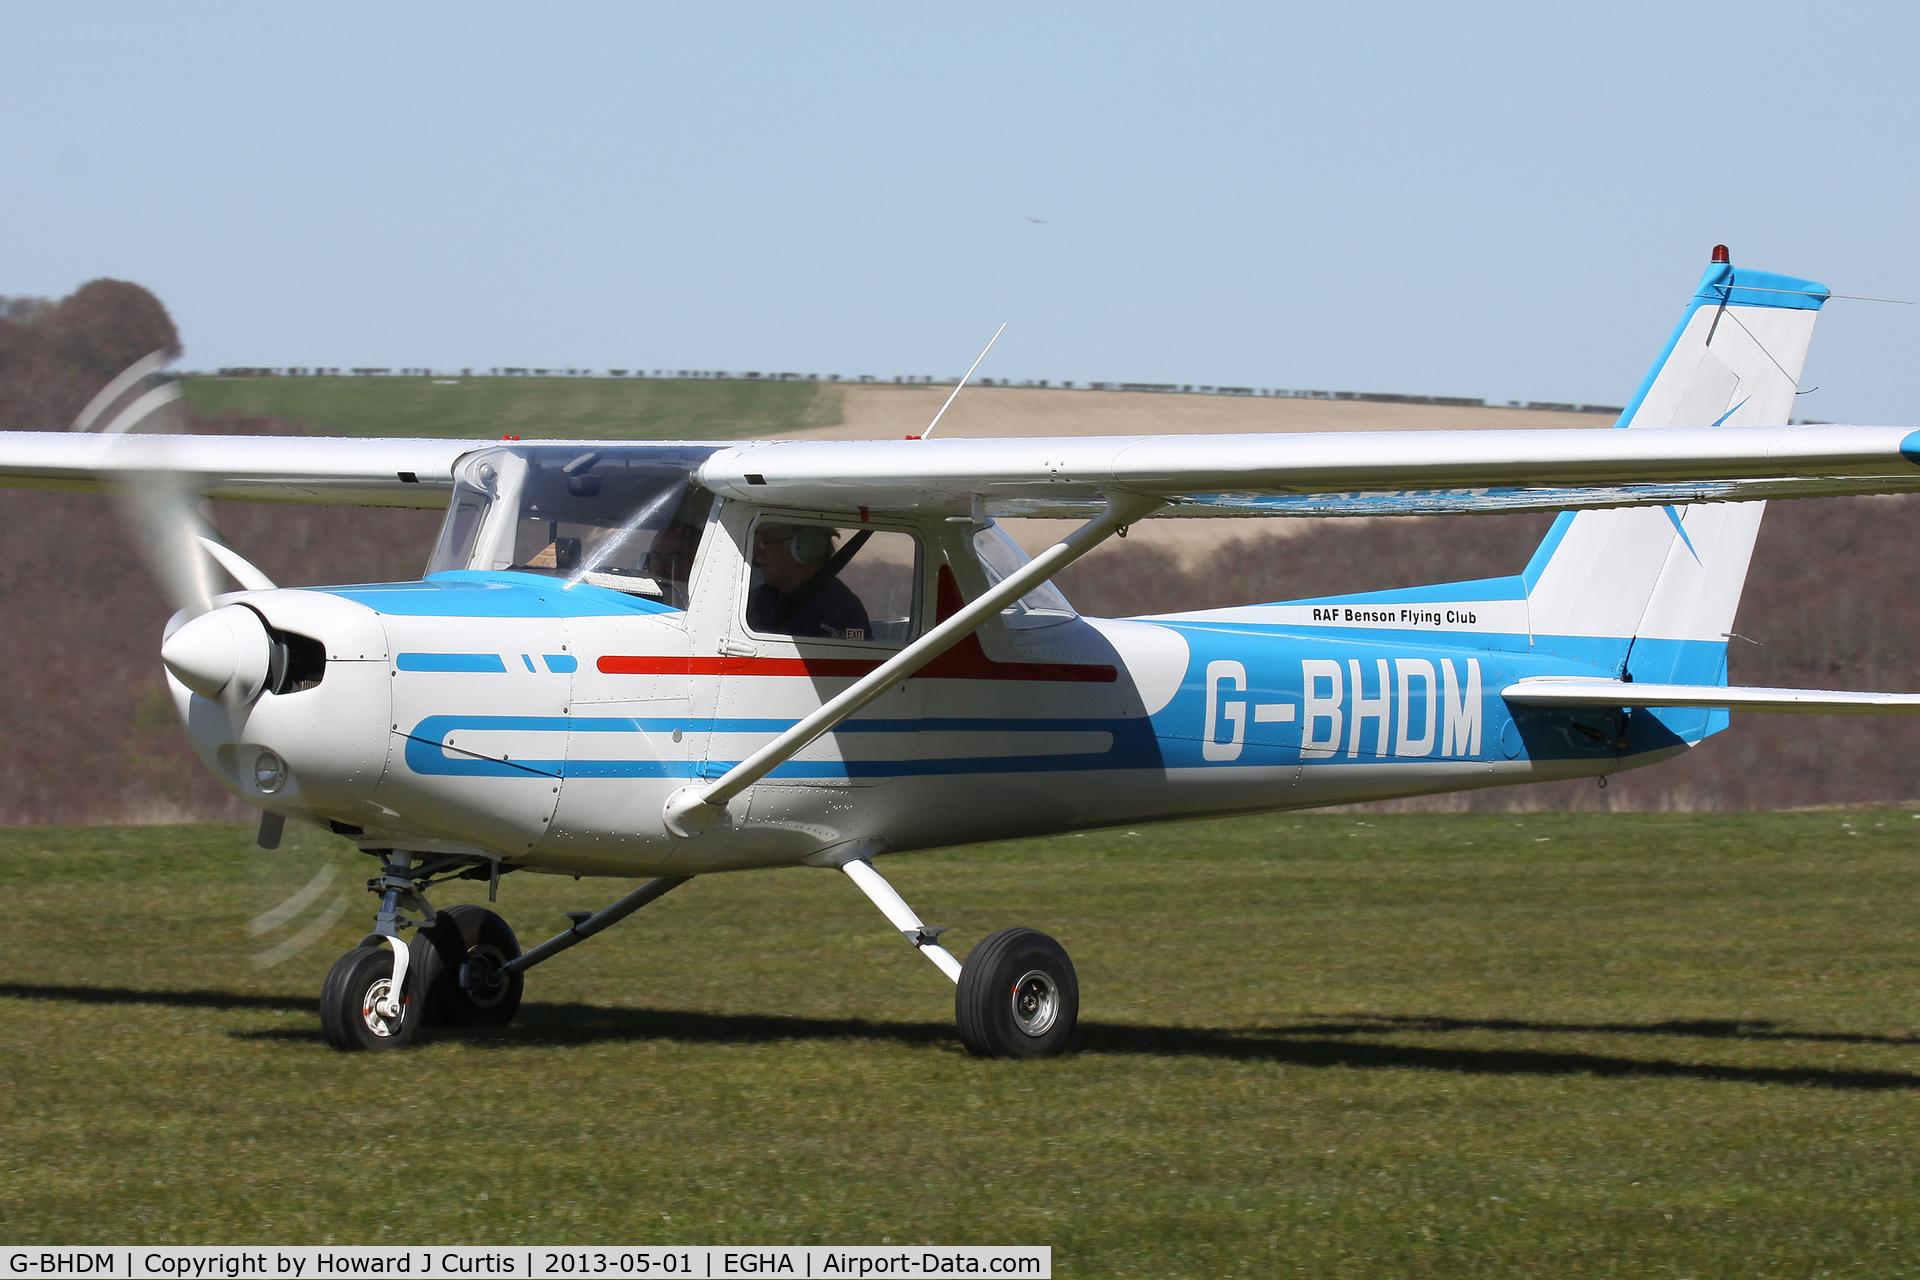 G-BHDM, 1979 Reims F152 C/N 1684, RAF Benson Flying Club